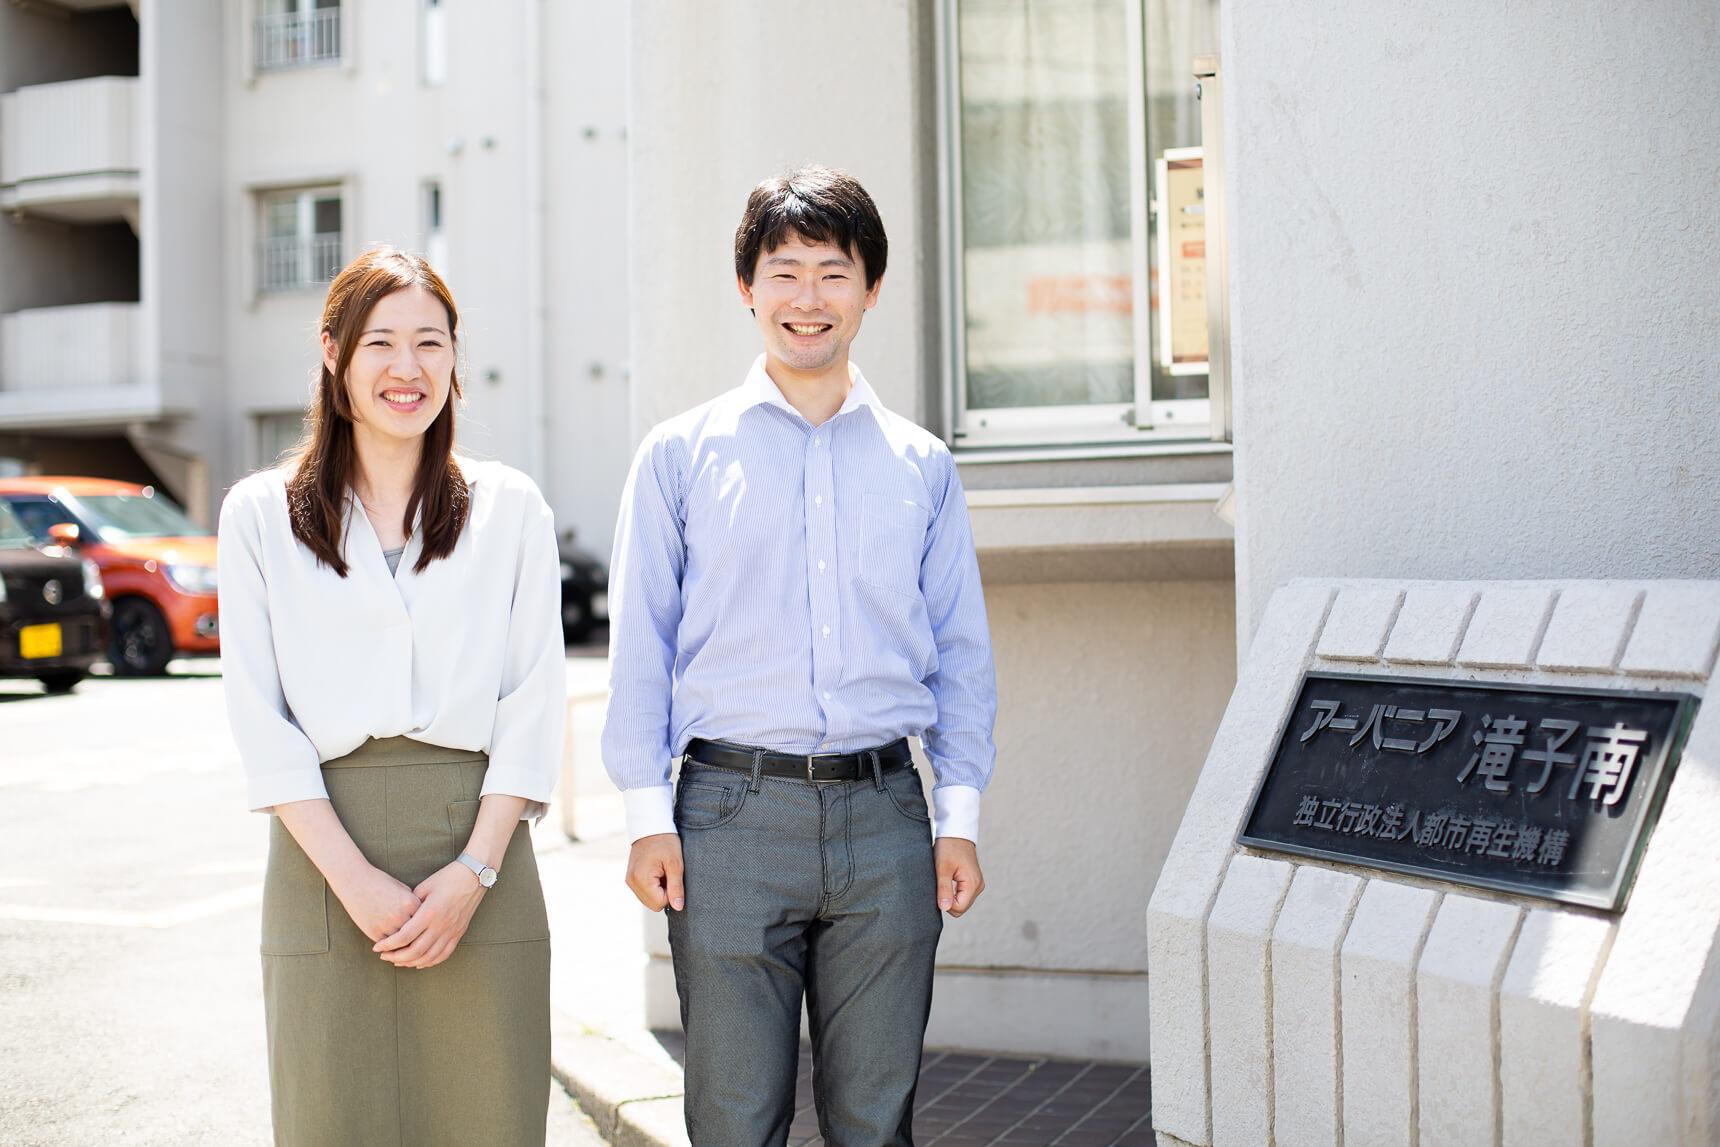 ご案内いただいたのは、UR都市機構の和田さん(写真左)と立林さん(写真右)